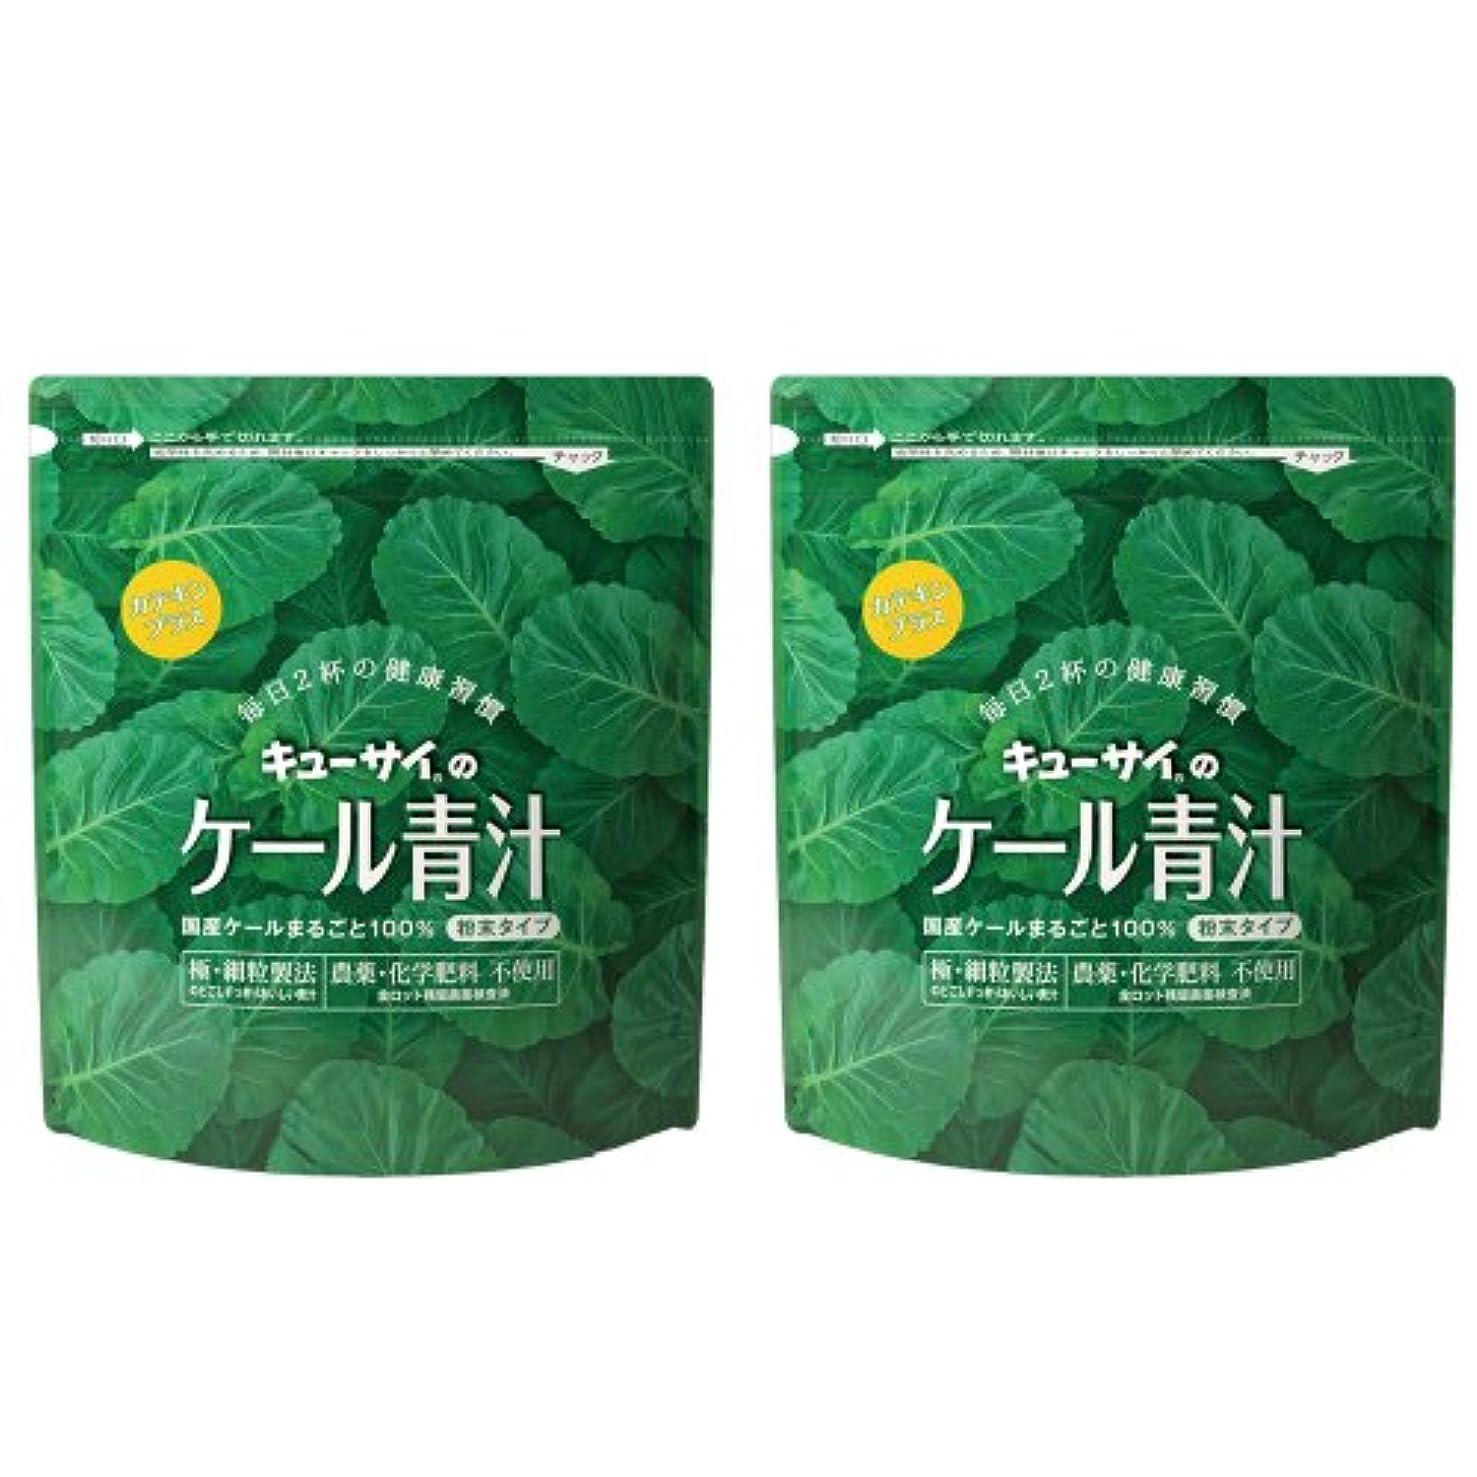 ナサニエル区弾性オーラルキューサイ青汁カテキンプラス420g(粉末タイプ)2袋まとめ買い【1袋420g(約1カ月分)】